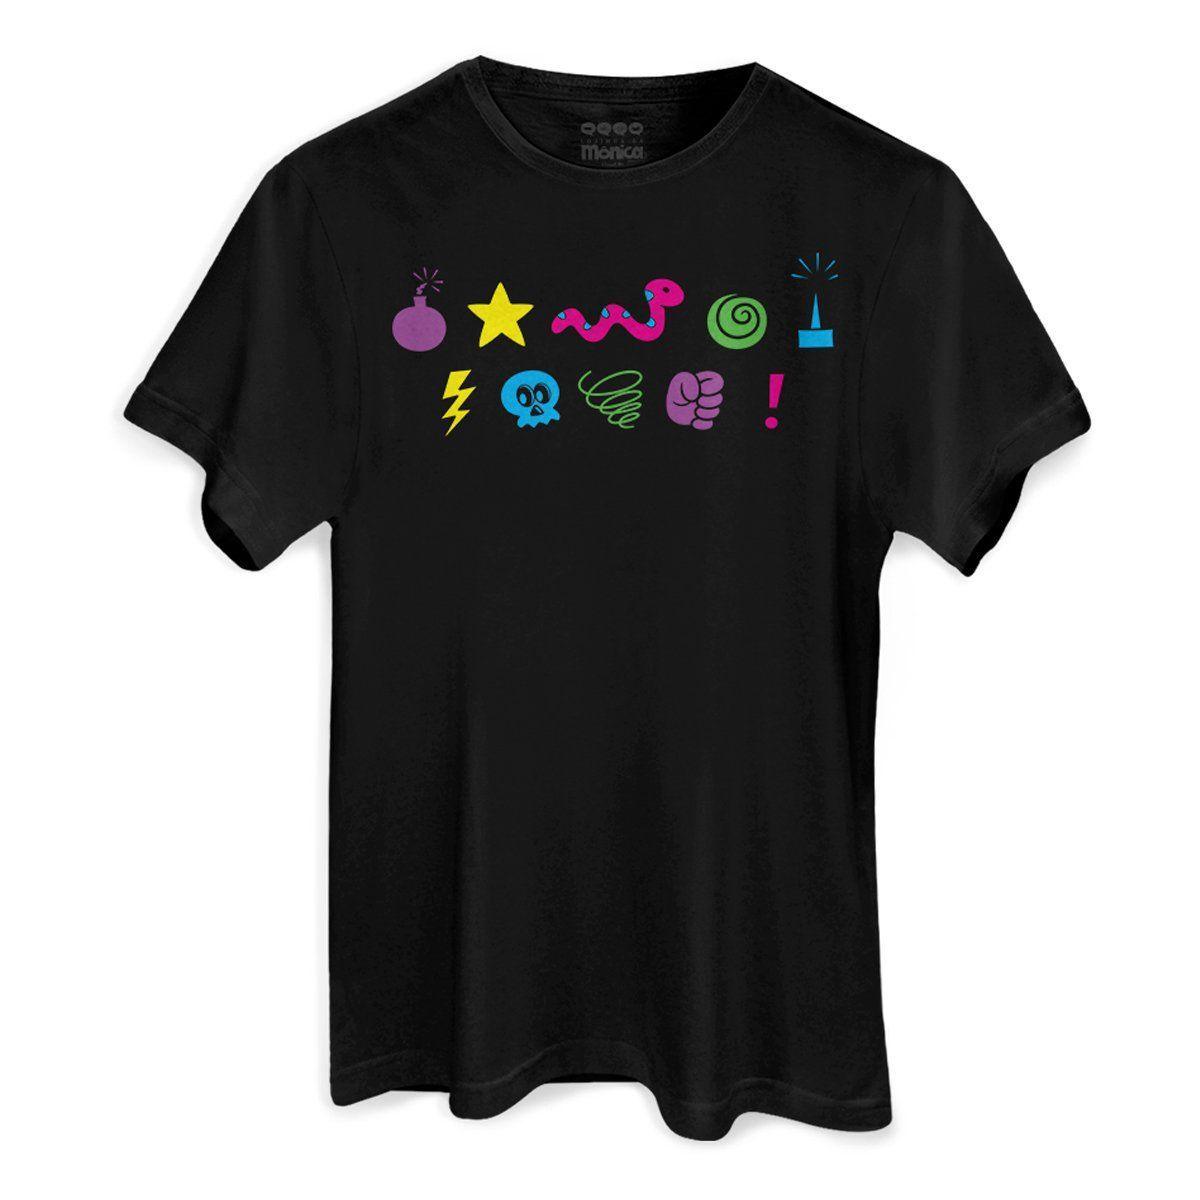 T-shirt Flip Up Unissex Turma da Mônica Cobras e Lagartos